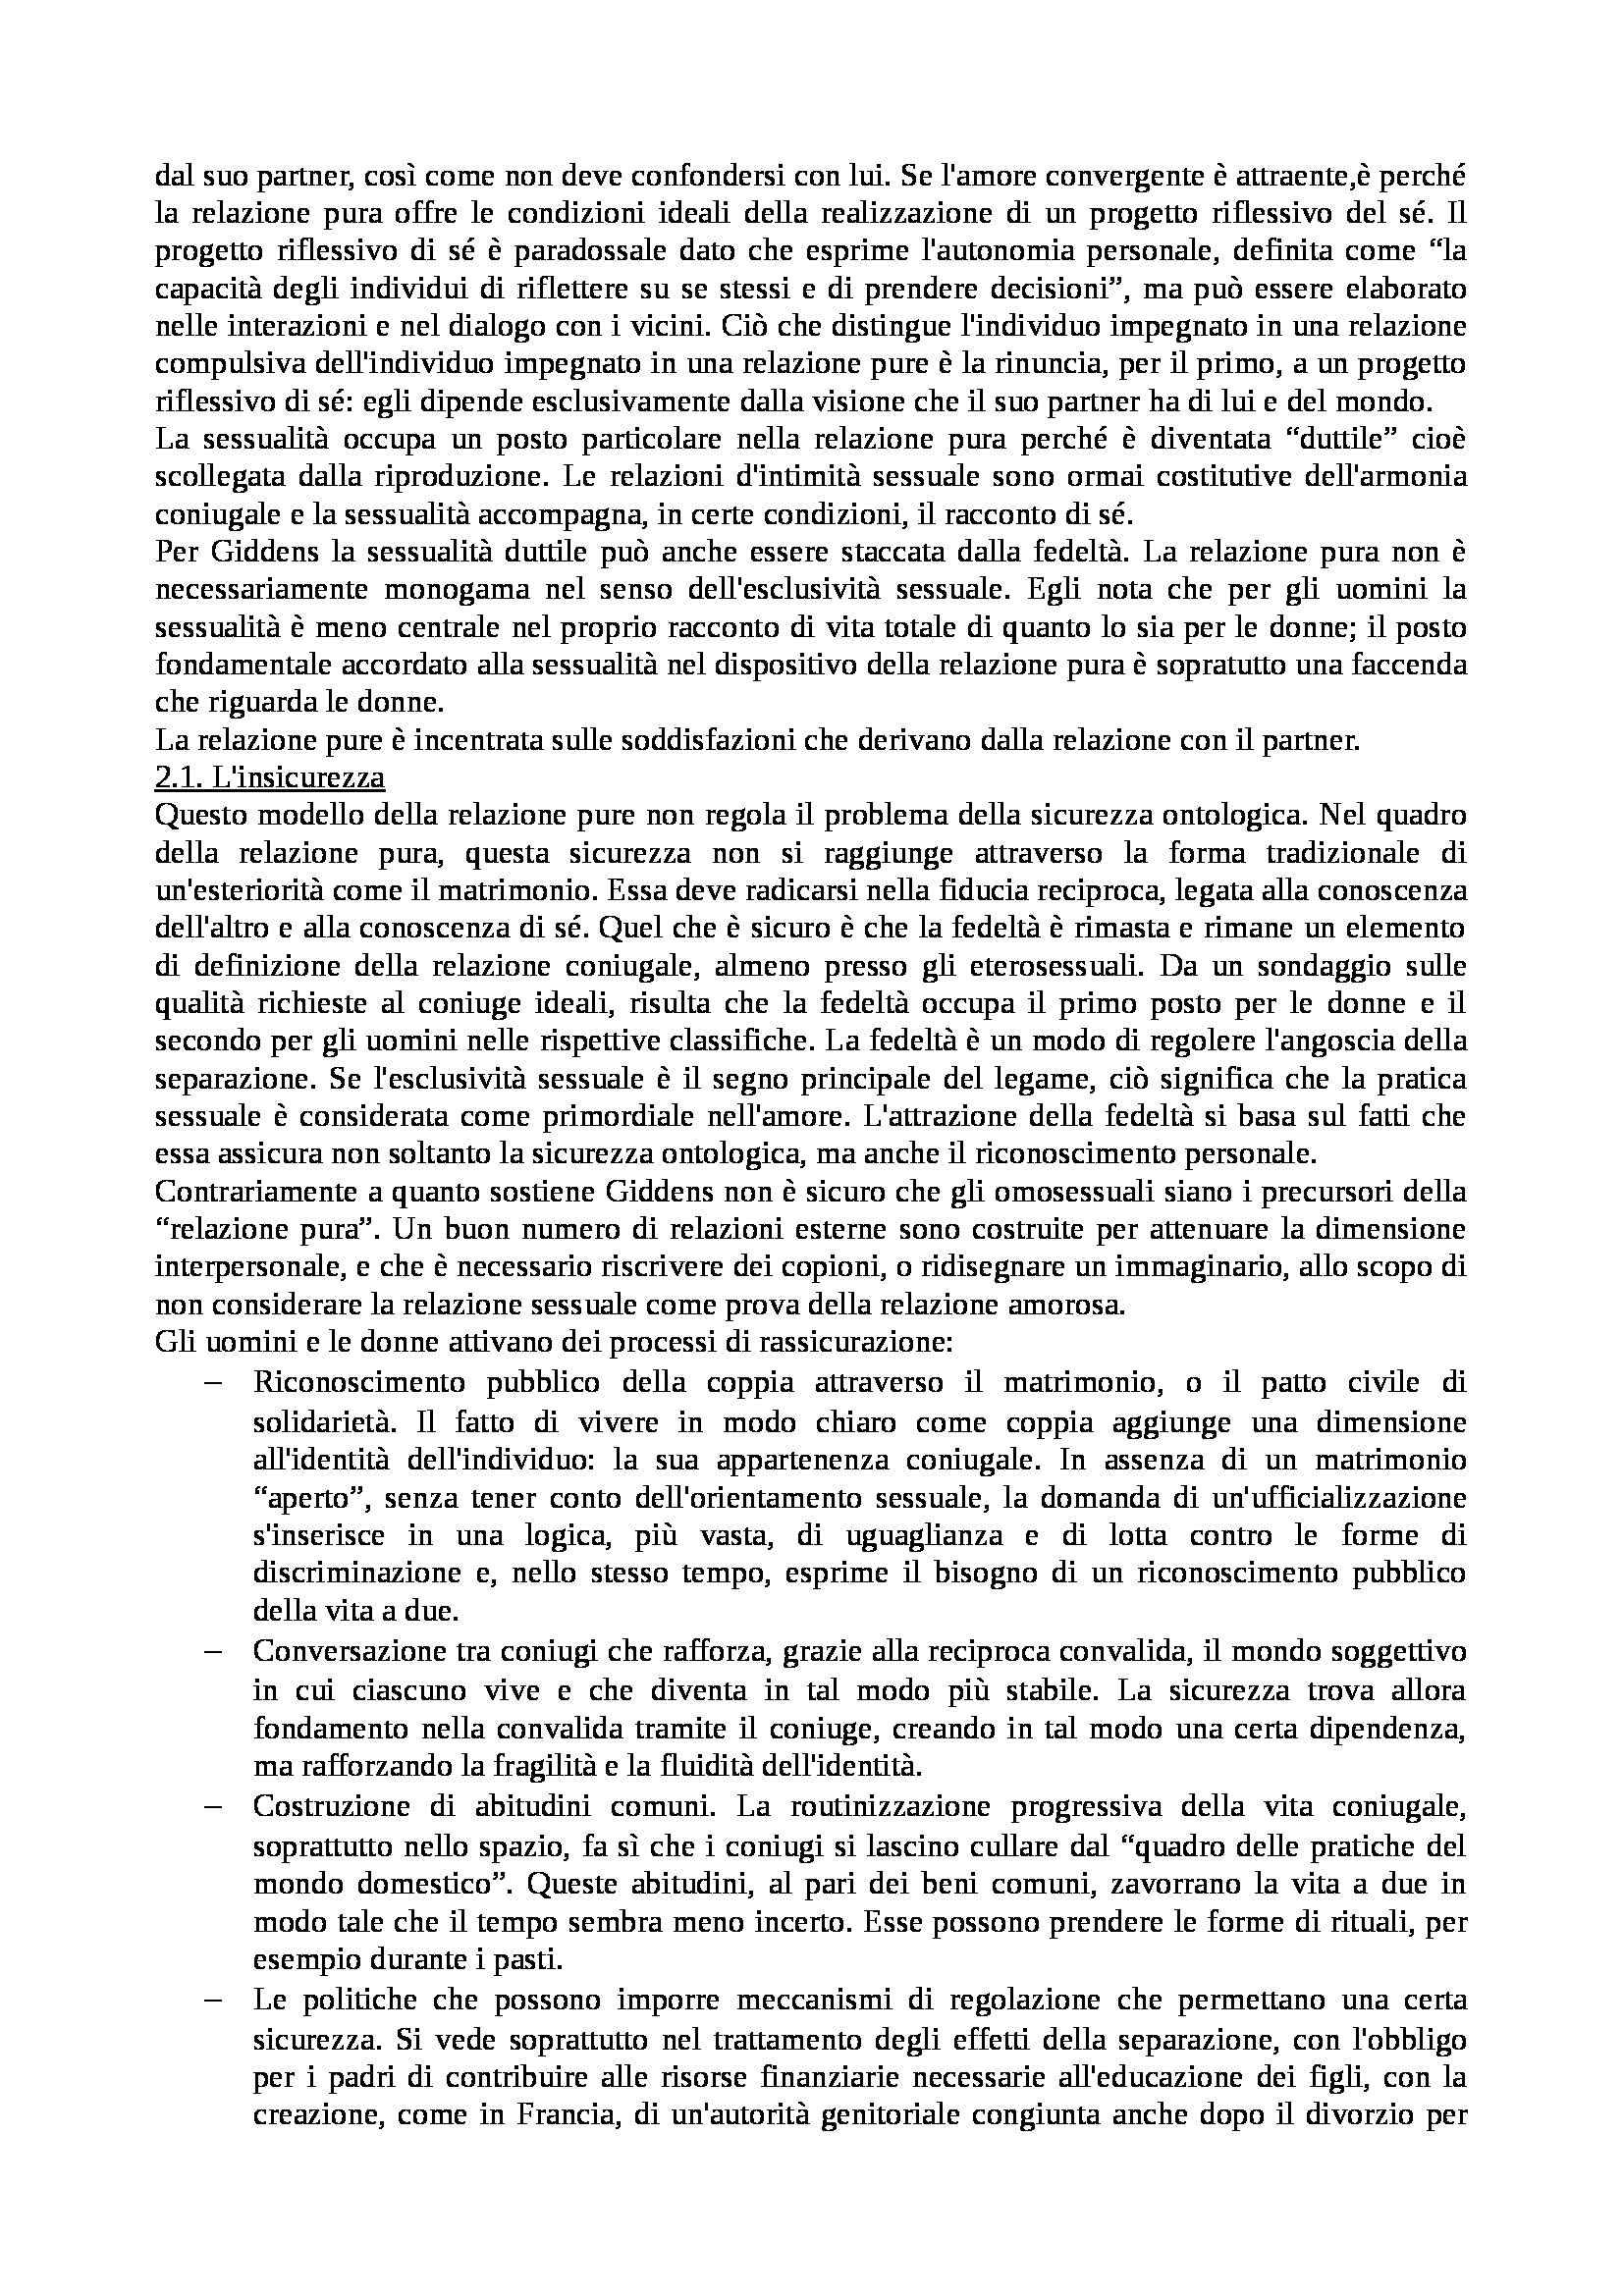 Riassunto esame Istituzioni di Sociologia, libro adottato Processi e Trasformazioni Sociali, Sciolla Pag. 41